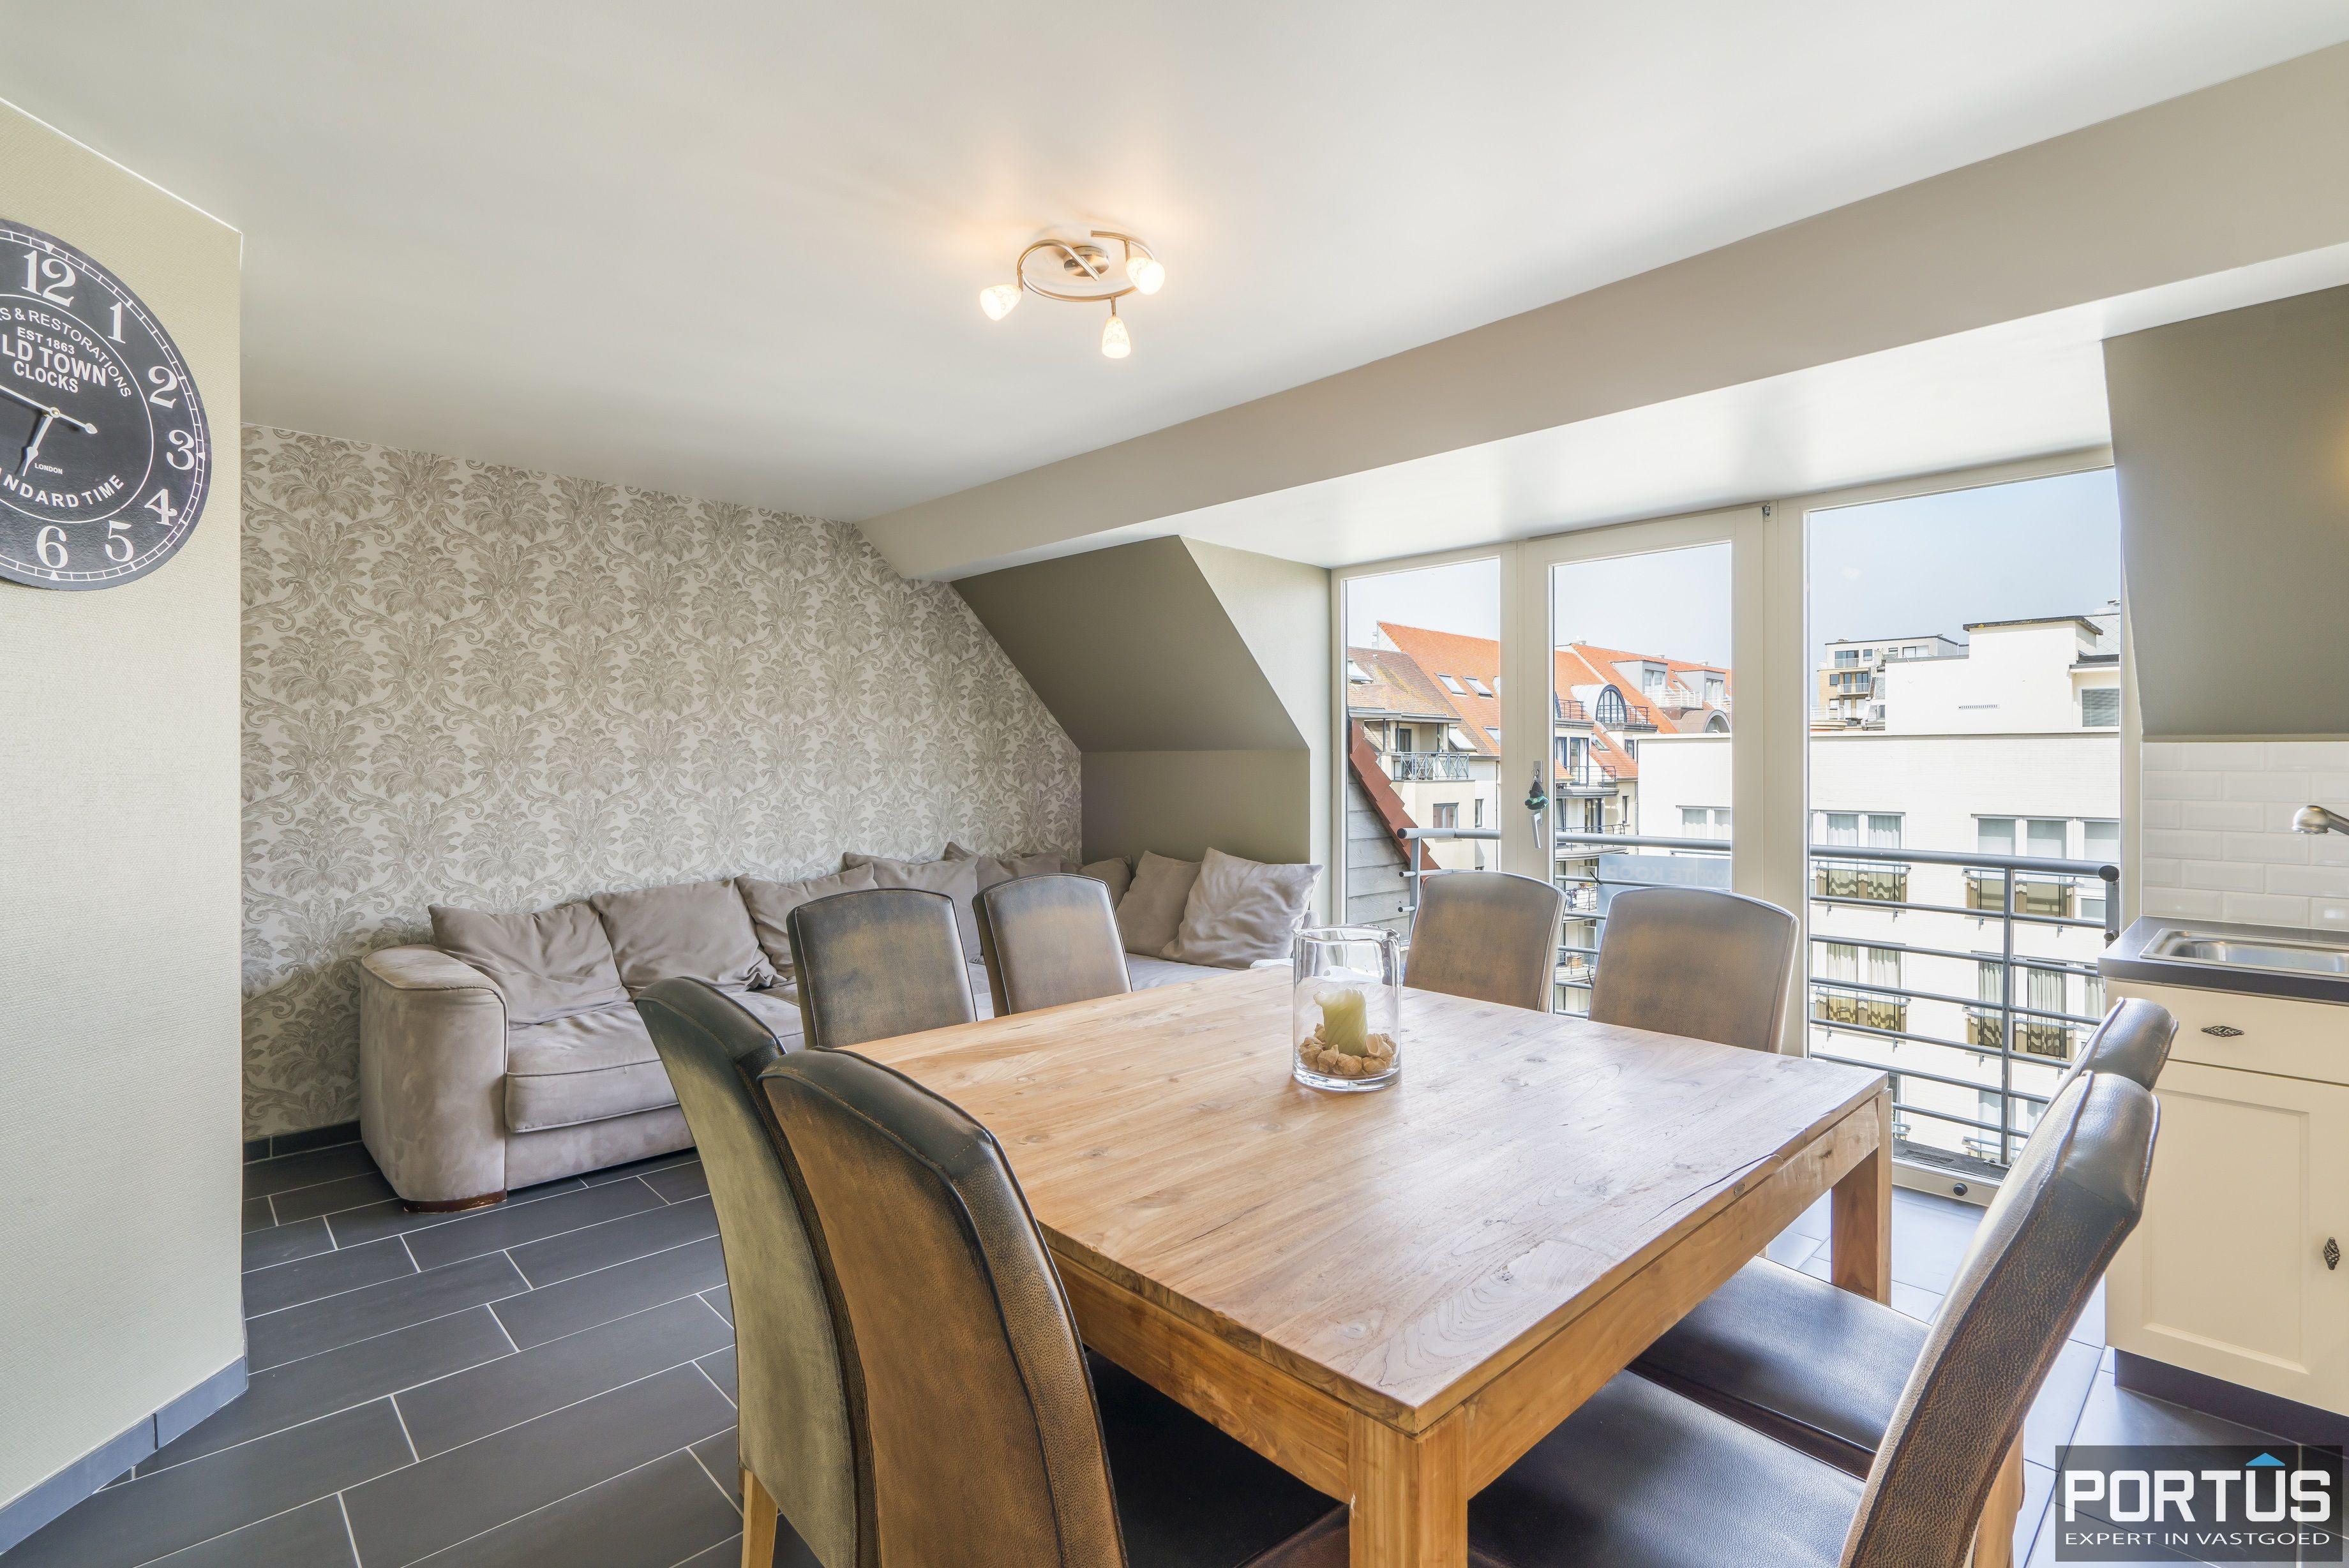 Appartement op wandelafstand van het strand te koop te Nieuwpoort-Bad - 13538